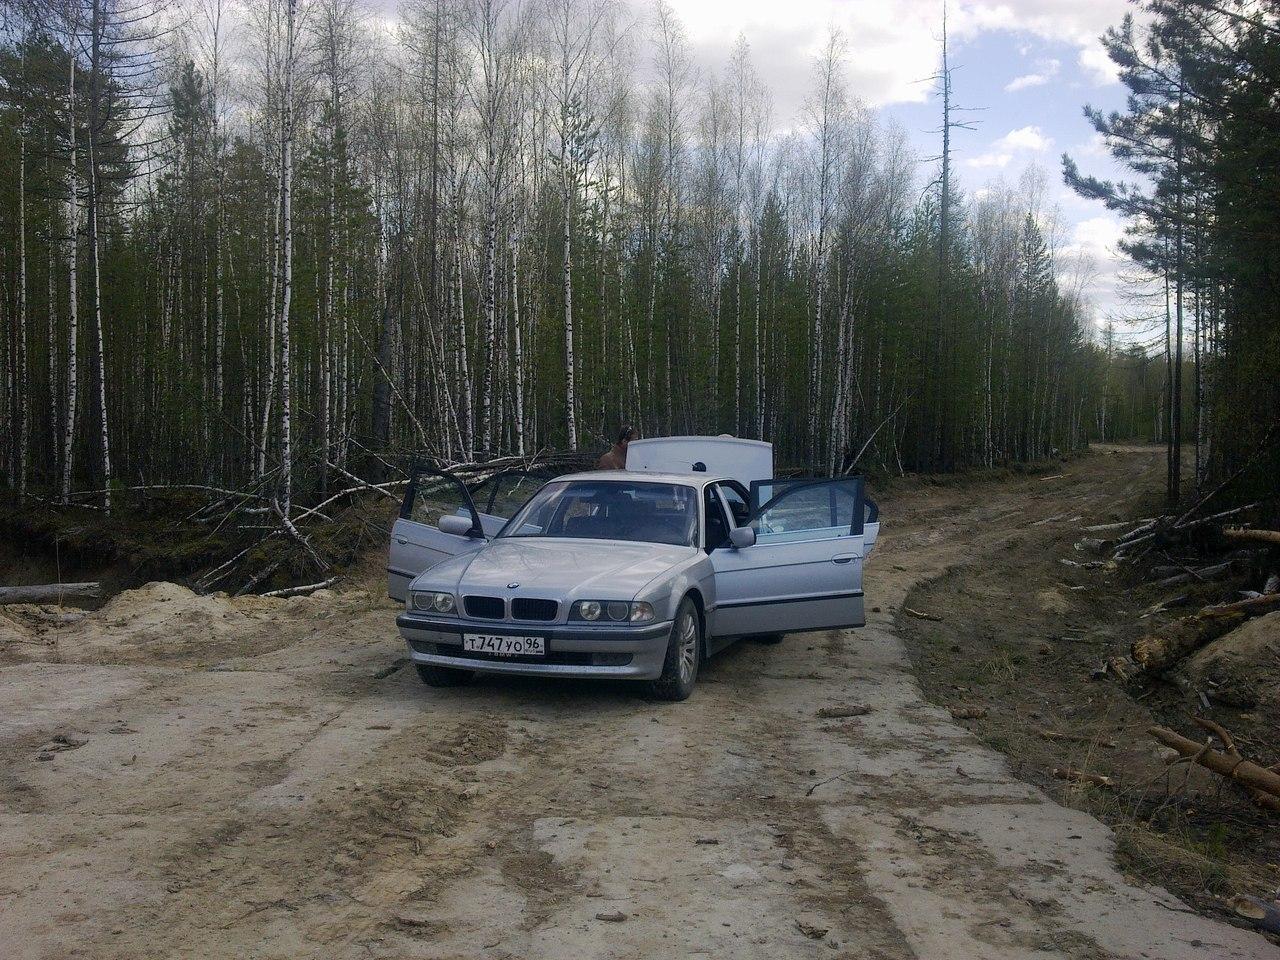 BMW E38 Club - По ГОСТ 5727-88 или сдирание тонировки... Фотоотчет